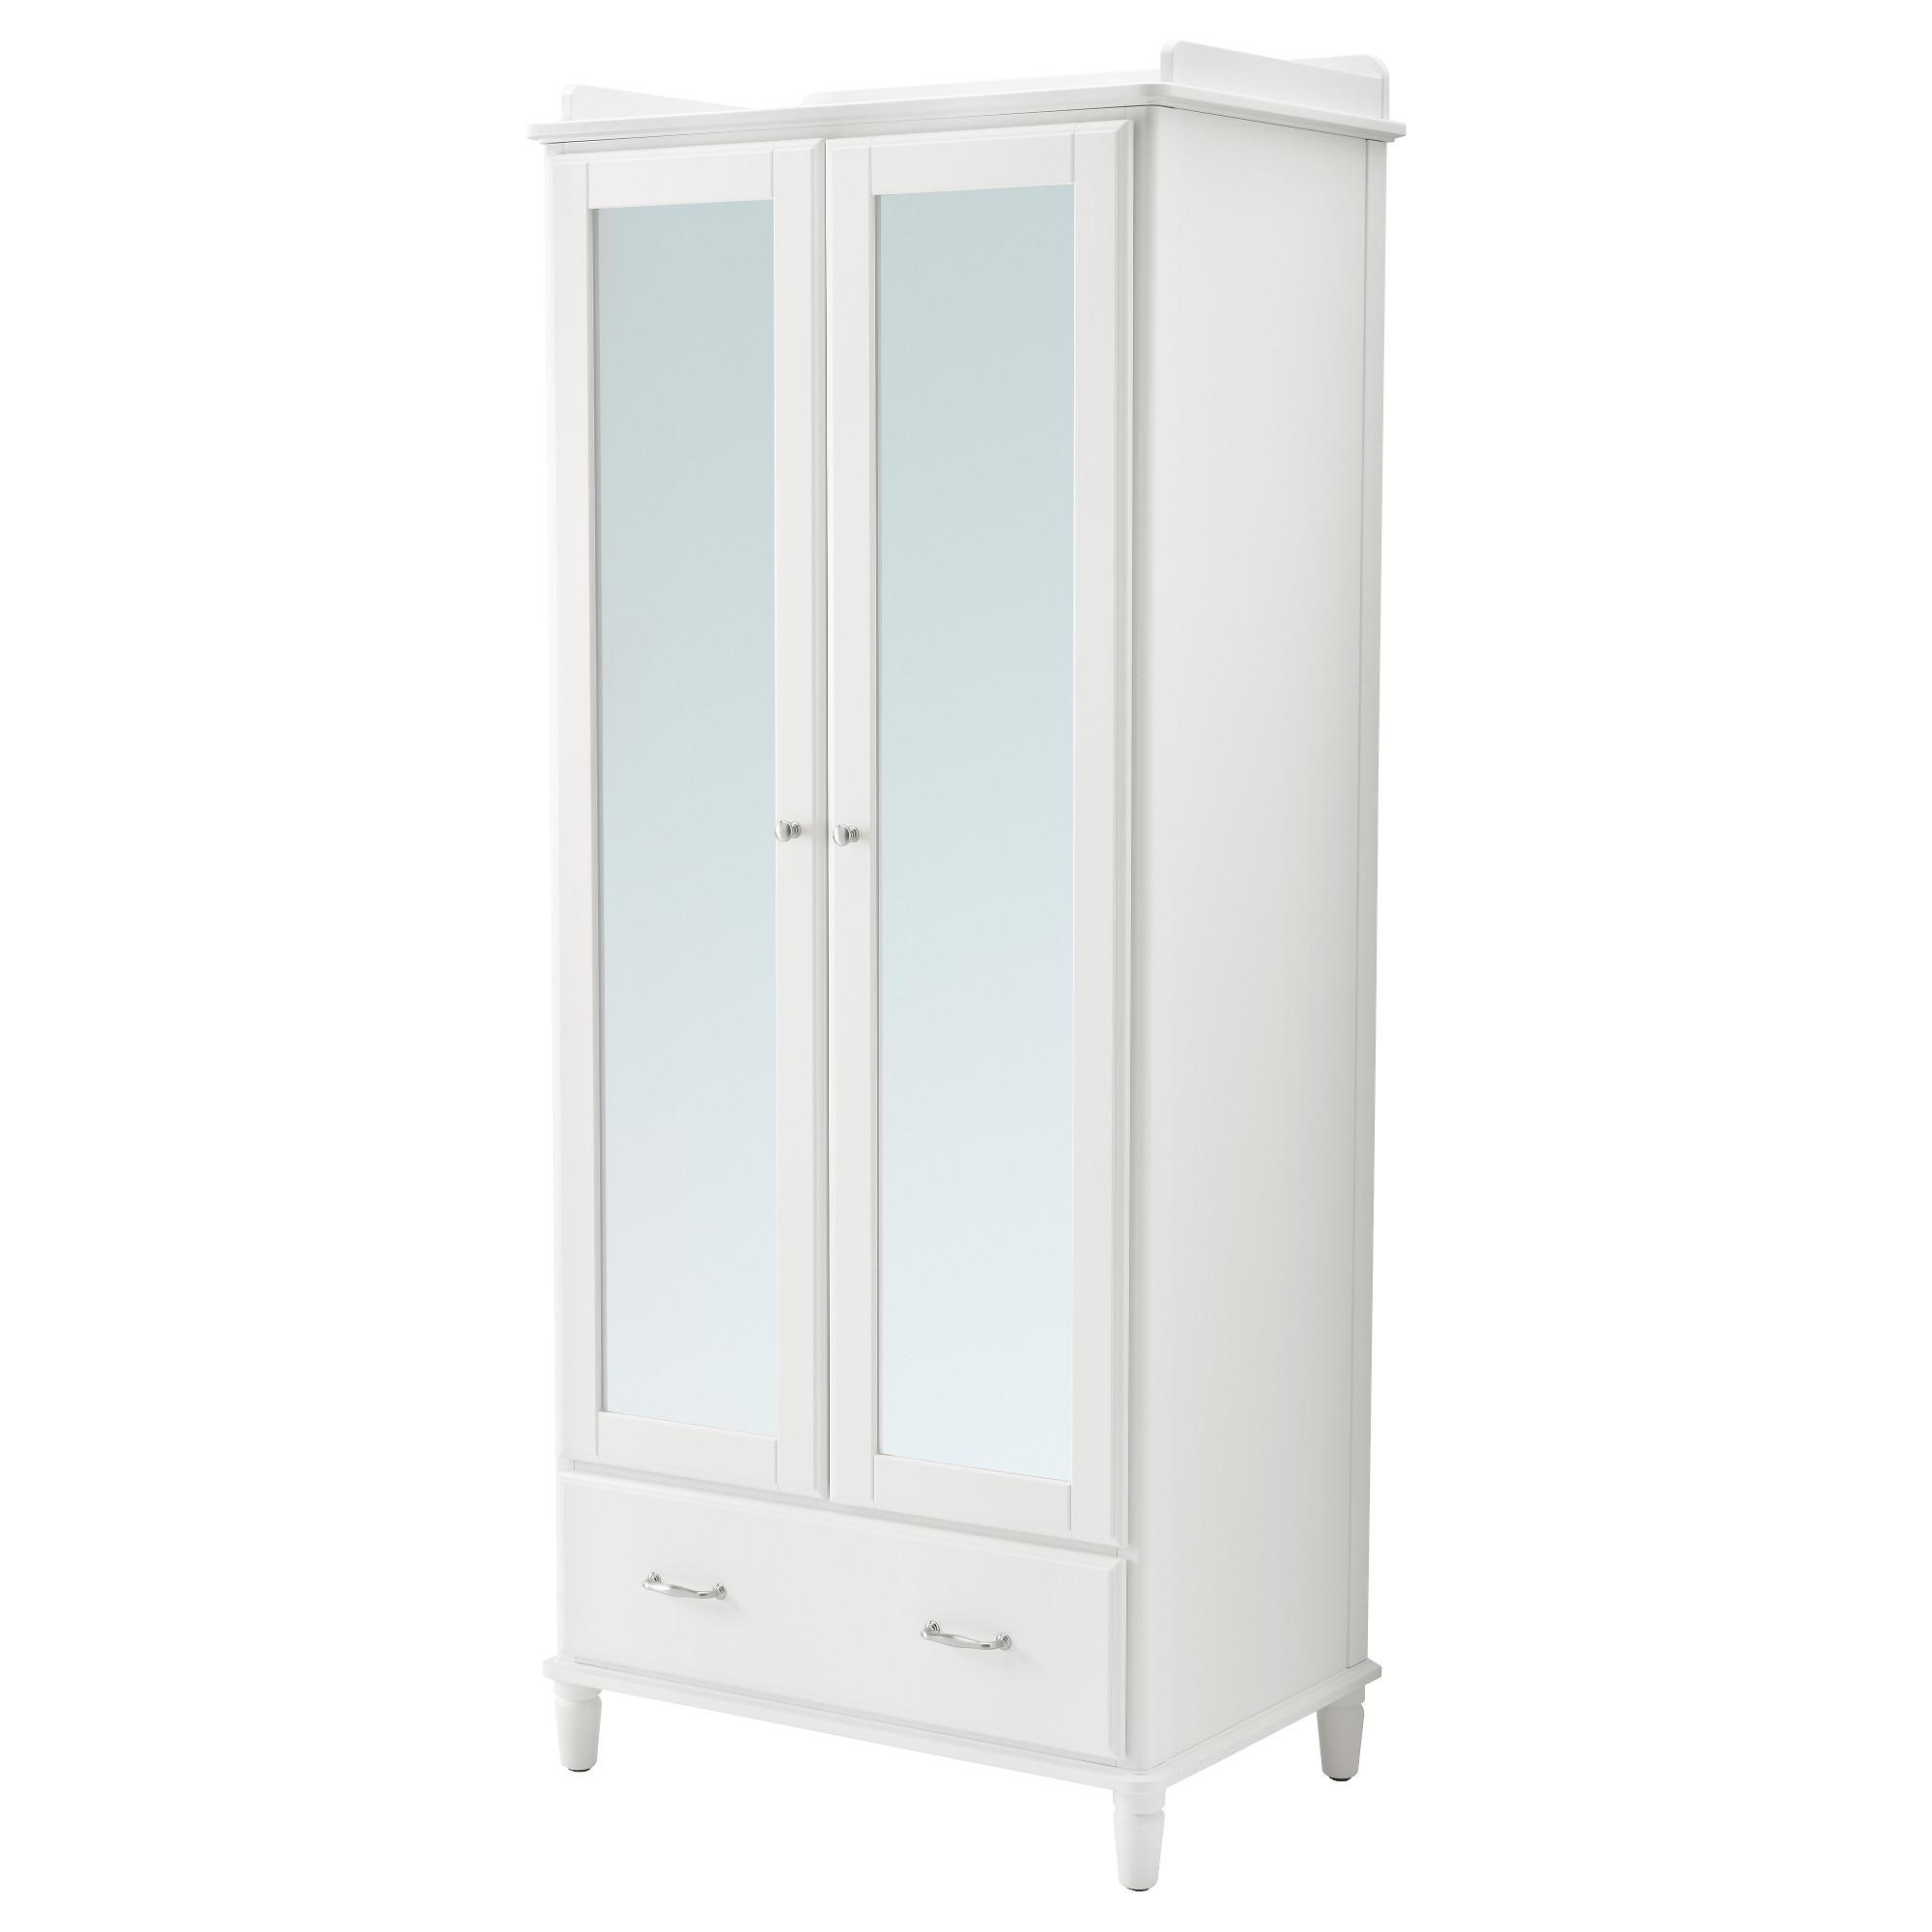 white wardrobes ikea tyssedal wardrobe NIMATOV